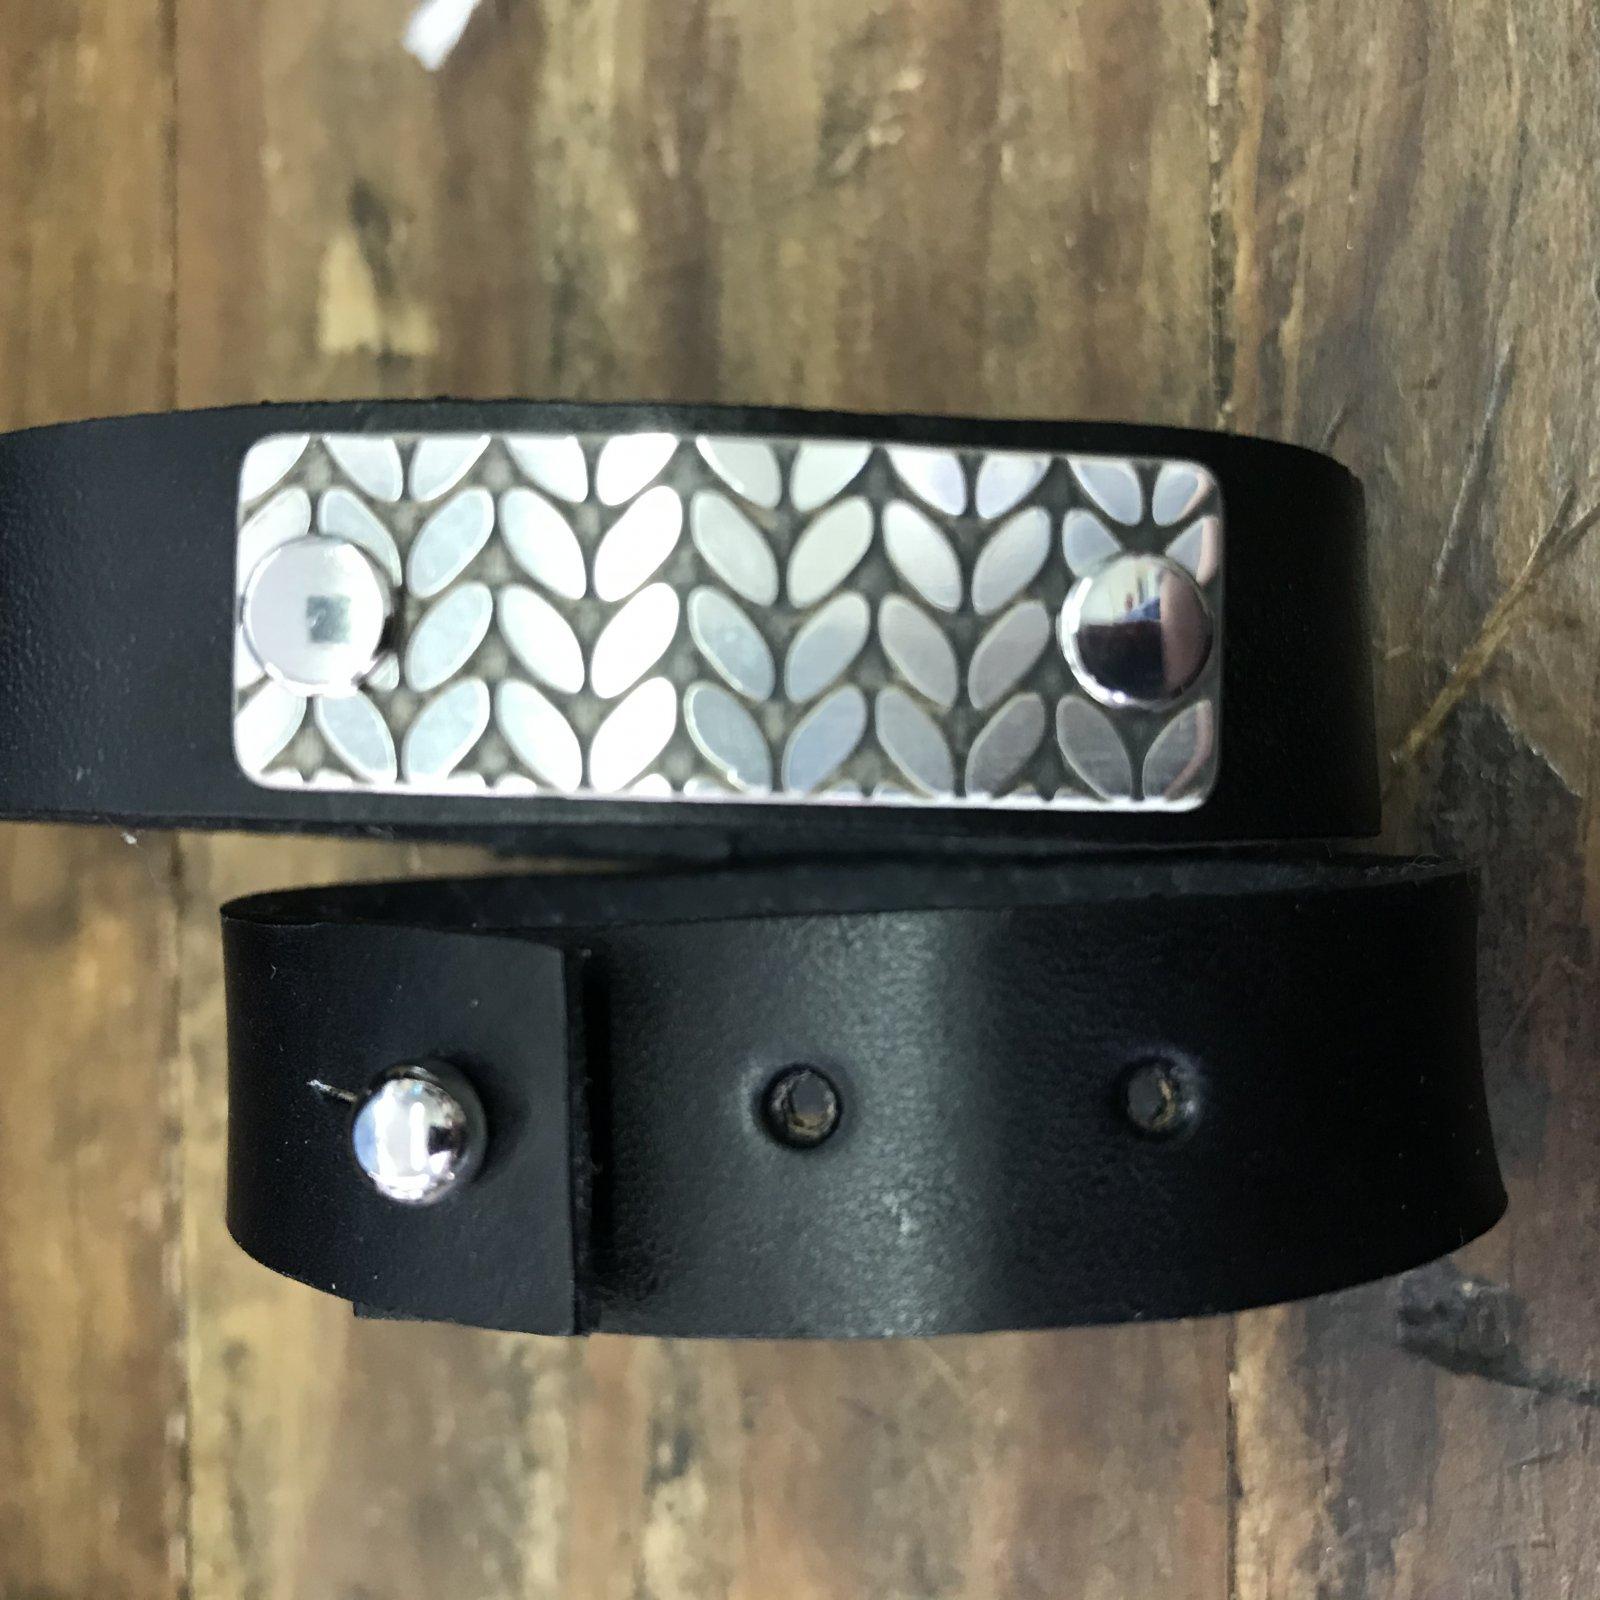 Birdie Parker Rowan Leather Cuff Bracelet - Coal Black & Sterling Silver